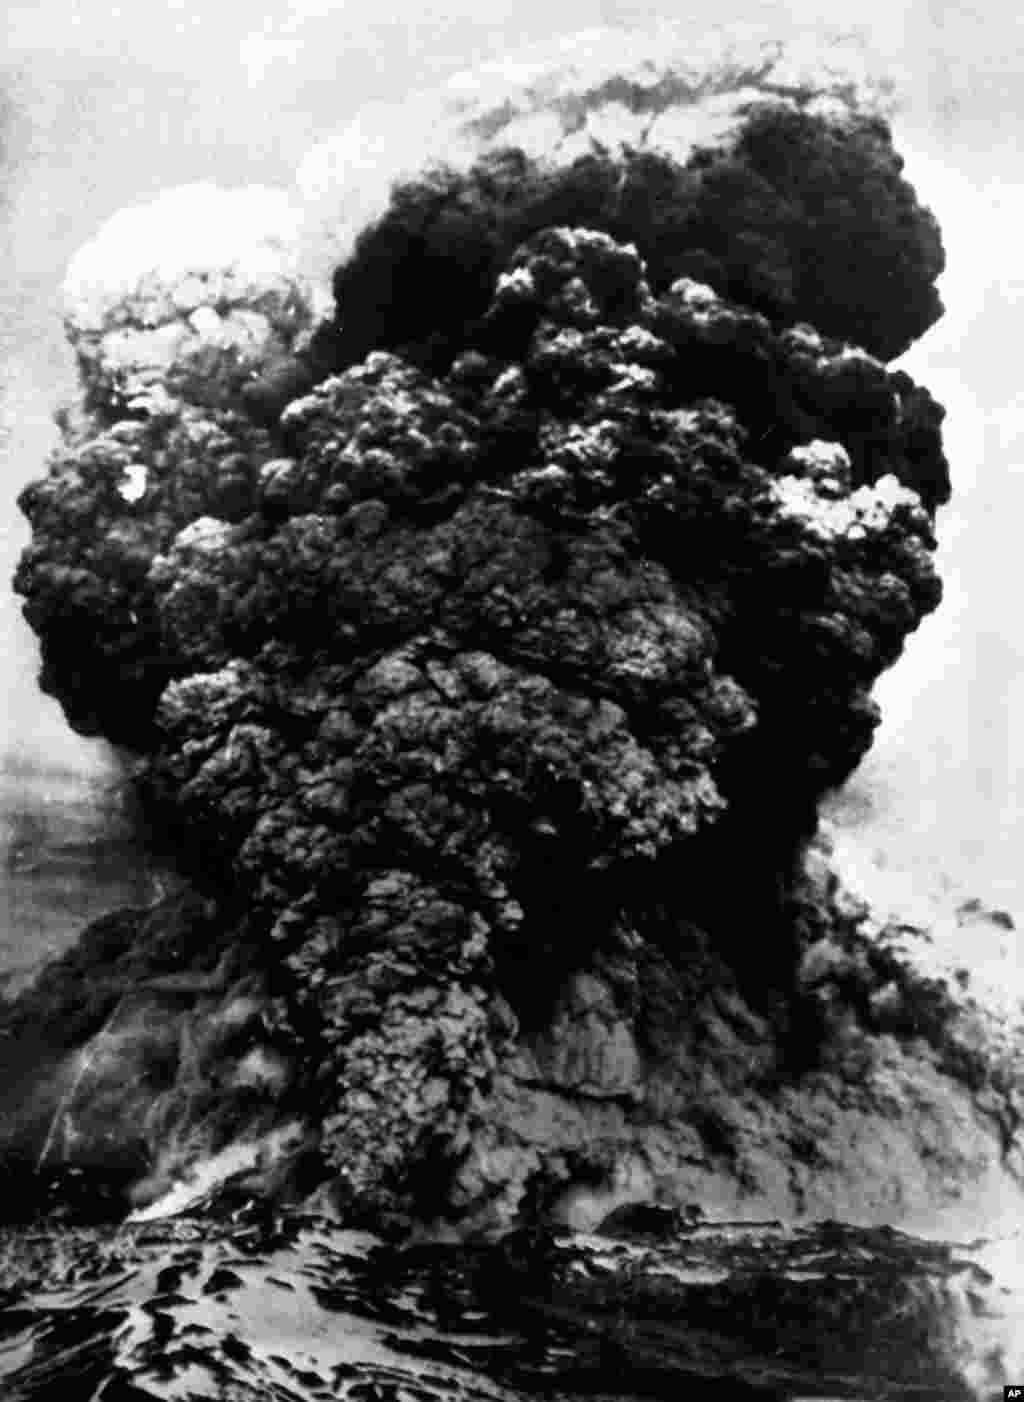 امروز در تاریخ: سال ۱۹۶۰ -فوران آتشفشان در شهرستانبالدیبیا در کشور شیلی. حدود ۳۰۰ نفر جان خود را از دست دادند.